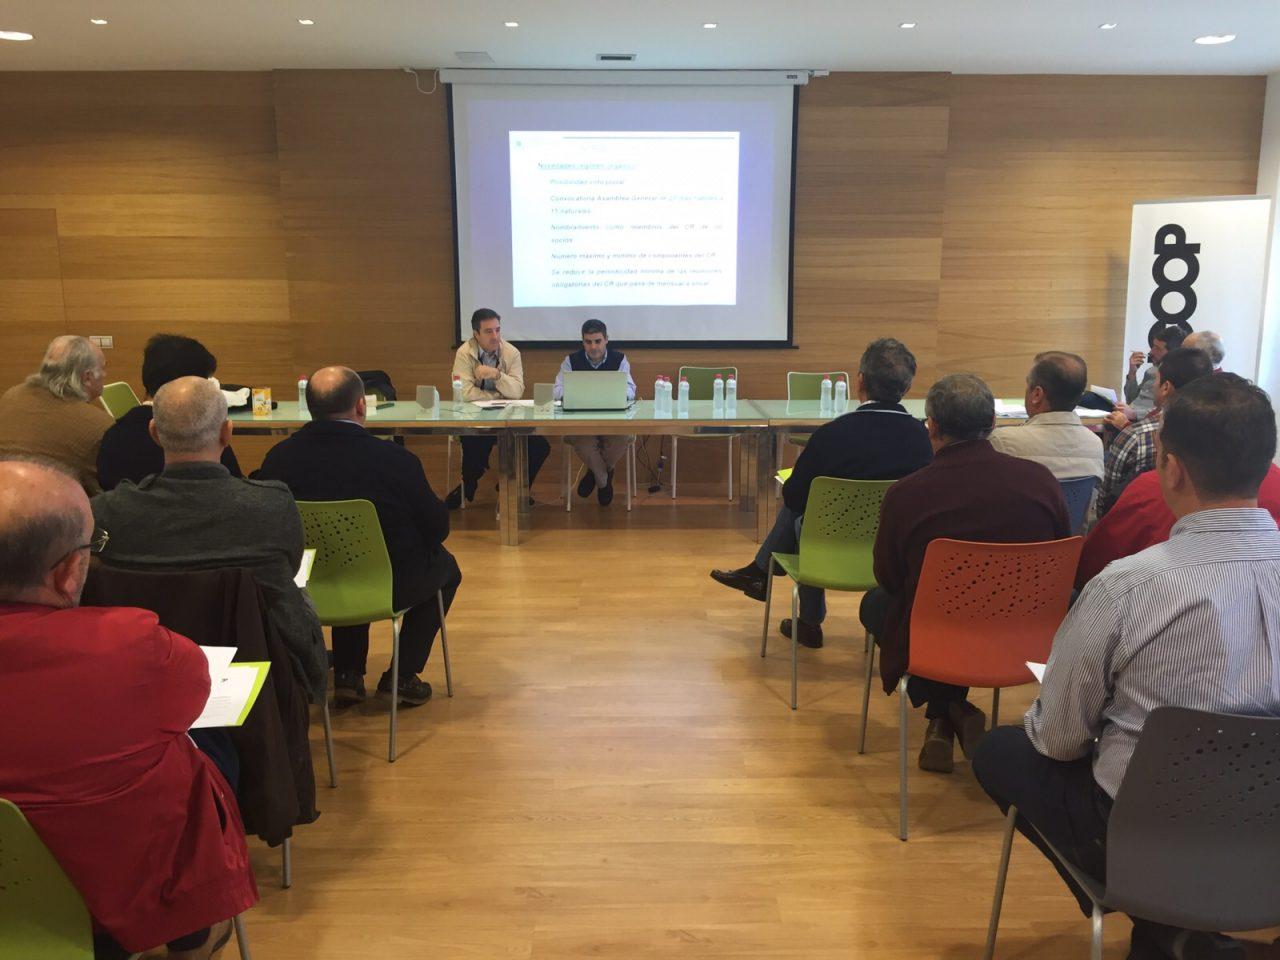 Cooperativas Agro-alimentarias de Jaén imparte formación a responsables de más de 30 cooperativas